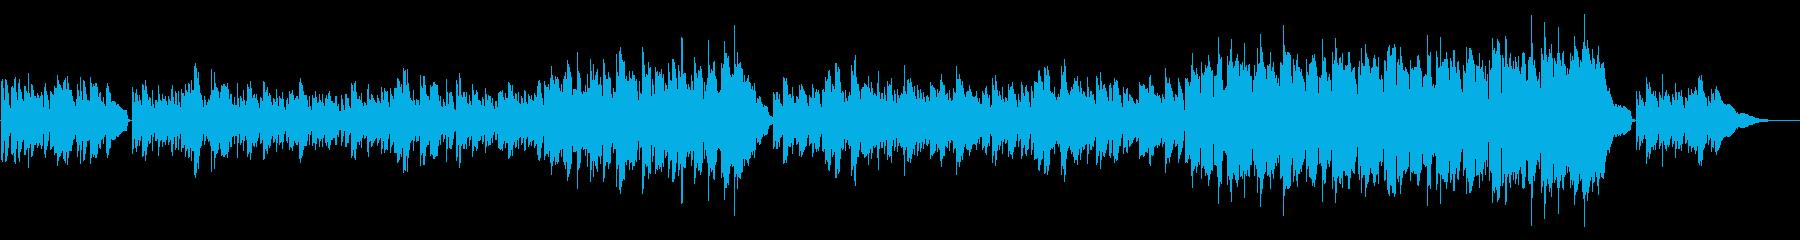 回想シーン等に切ない系スローバラードの再生済みの波形